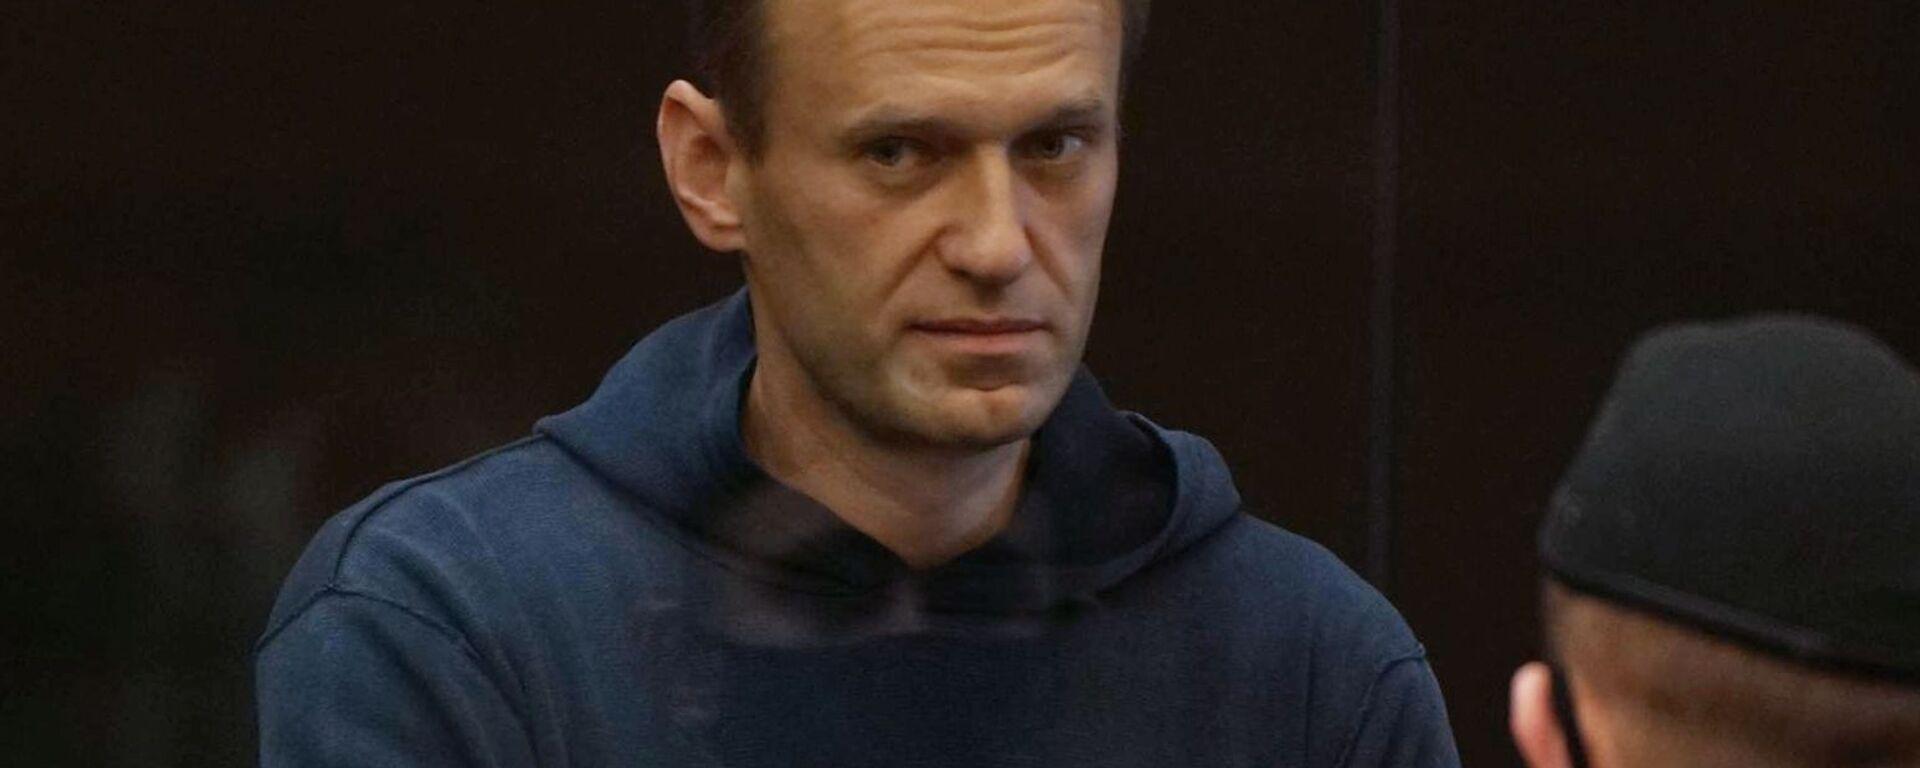 Alexej Navalnyj na zasedání Moskevského městského soudu - Sputnik Česká republika, 1920, 02.02.2021